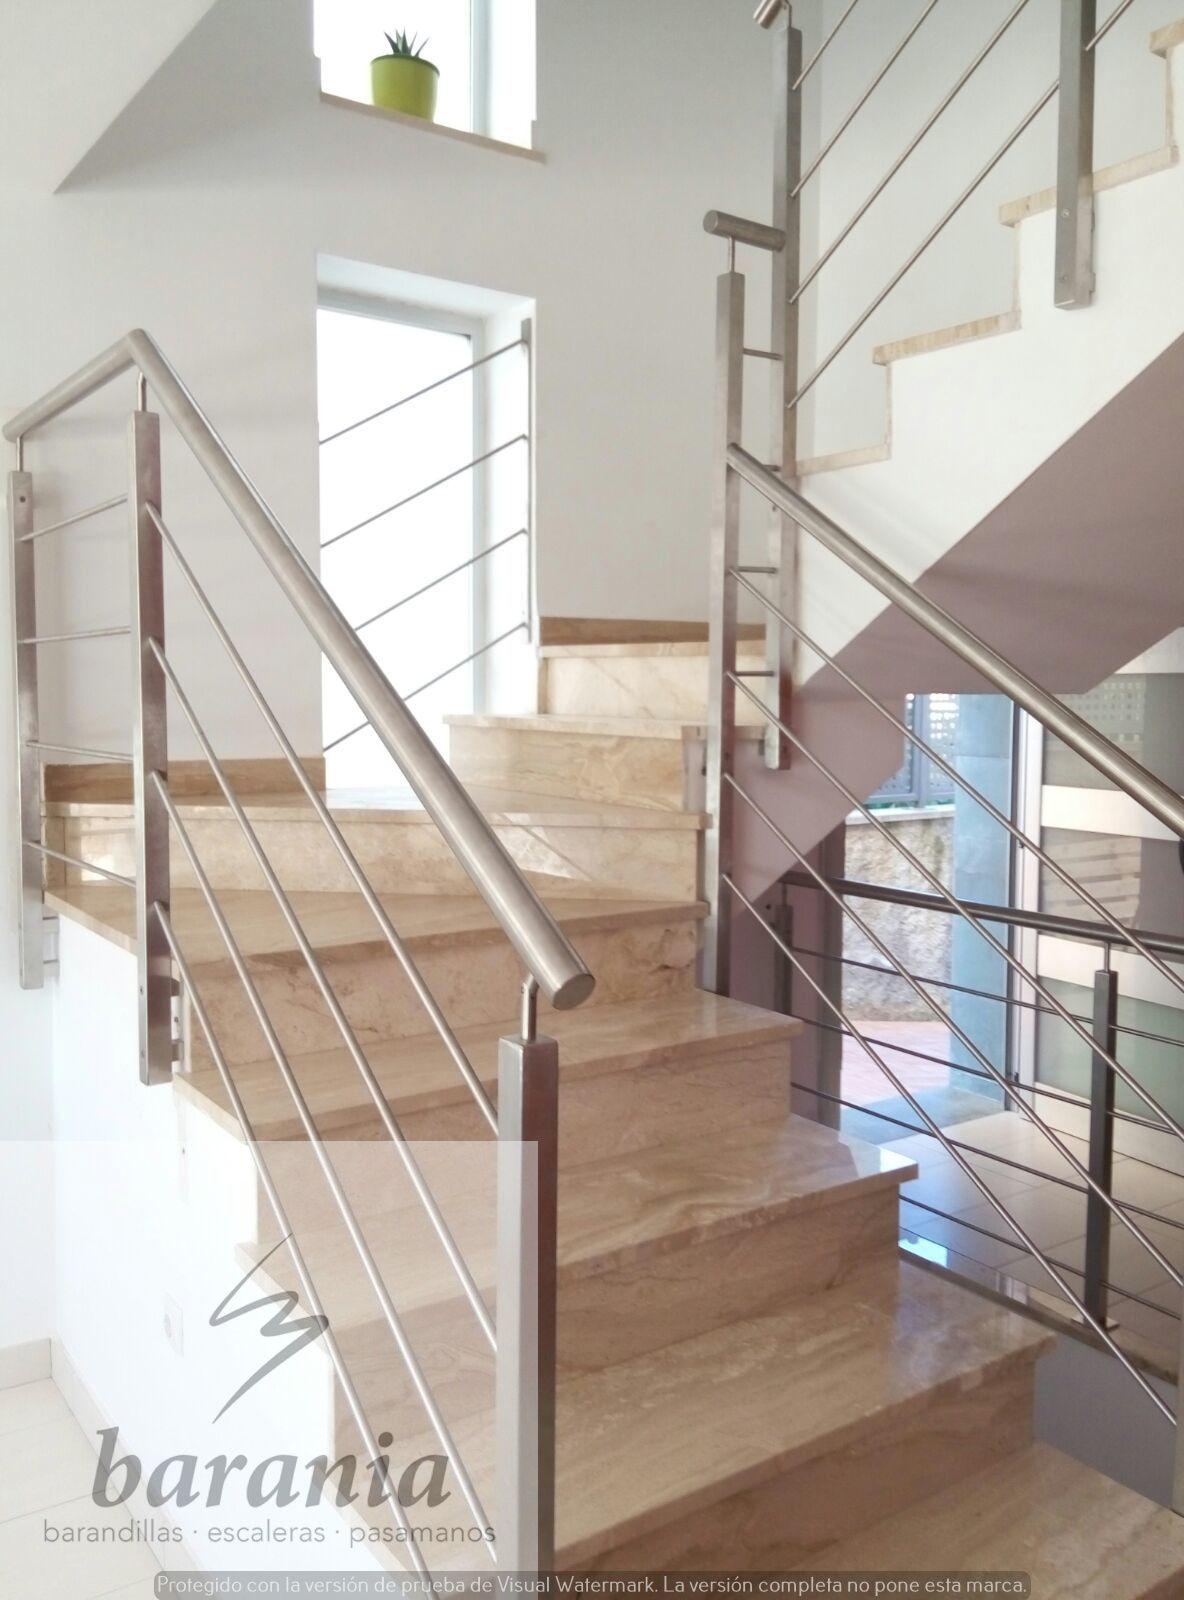 Barandilla de acero inoxidable con varillas horizontales barandillas escaleras y pasamanos en - Barandillas para escaleras interiores modernas ...